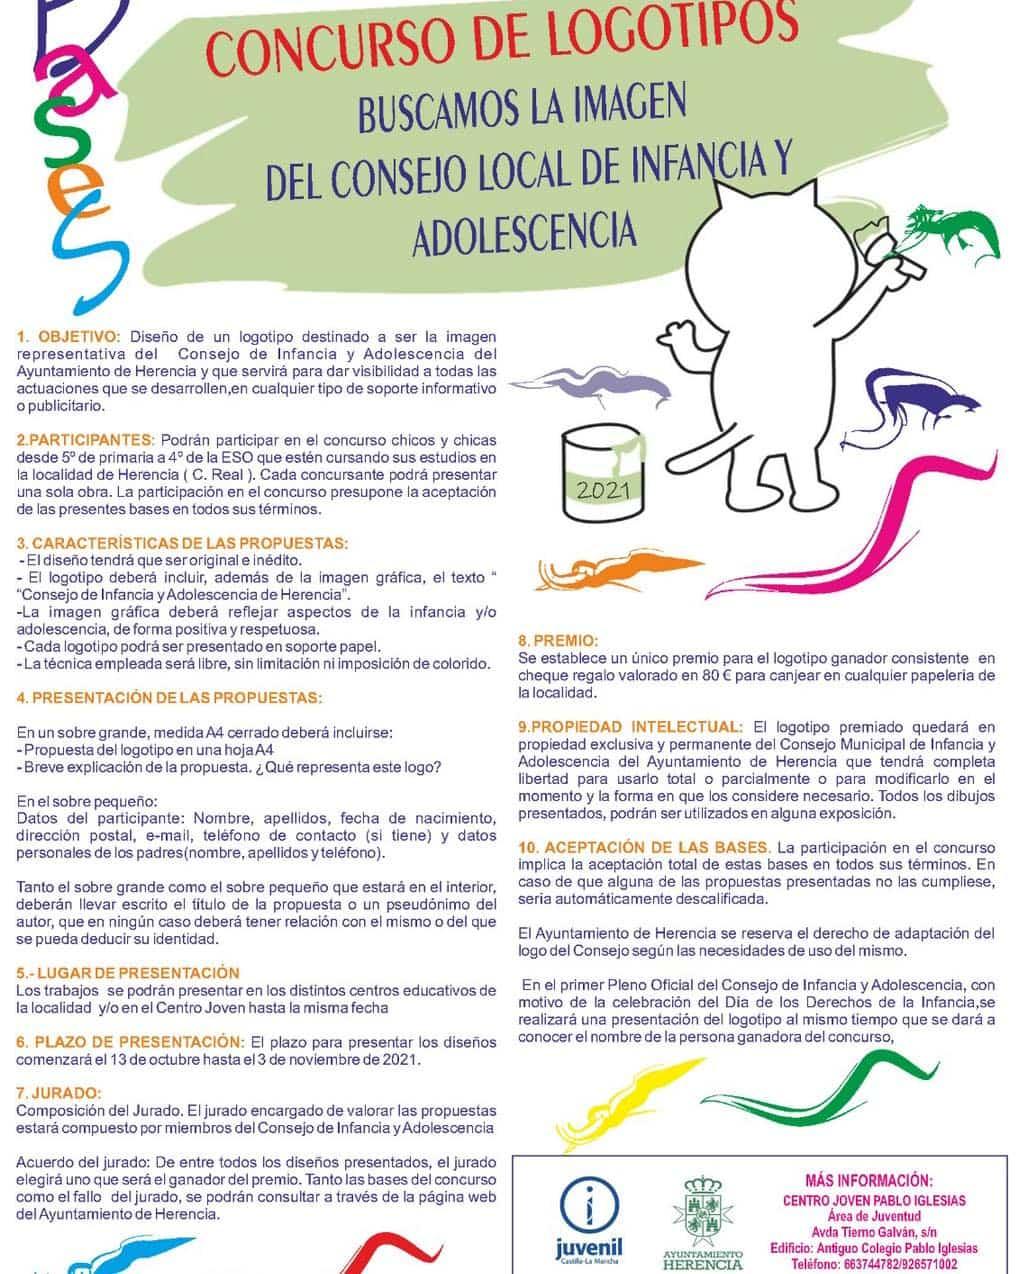 Abierto el plazo para el Concurso de Logotipos para el Consejo Local de Infancia y Adolescencia 3